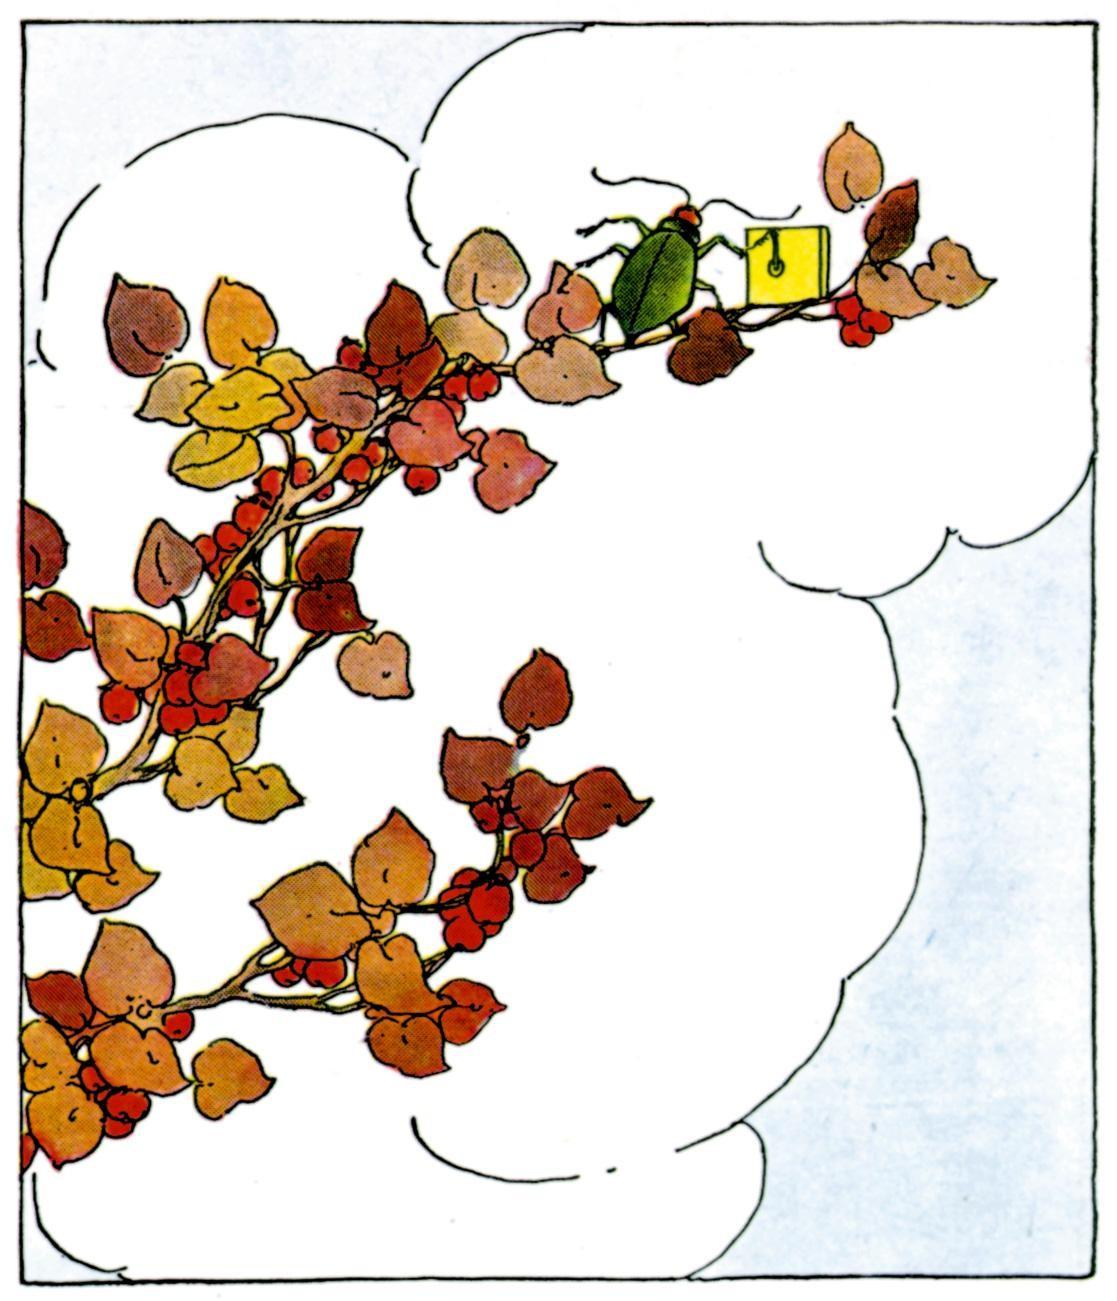 [Bug+&+Autumn+Leaves]